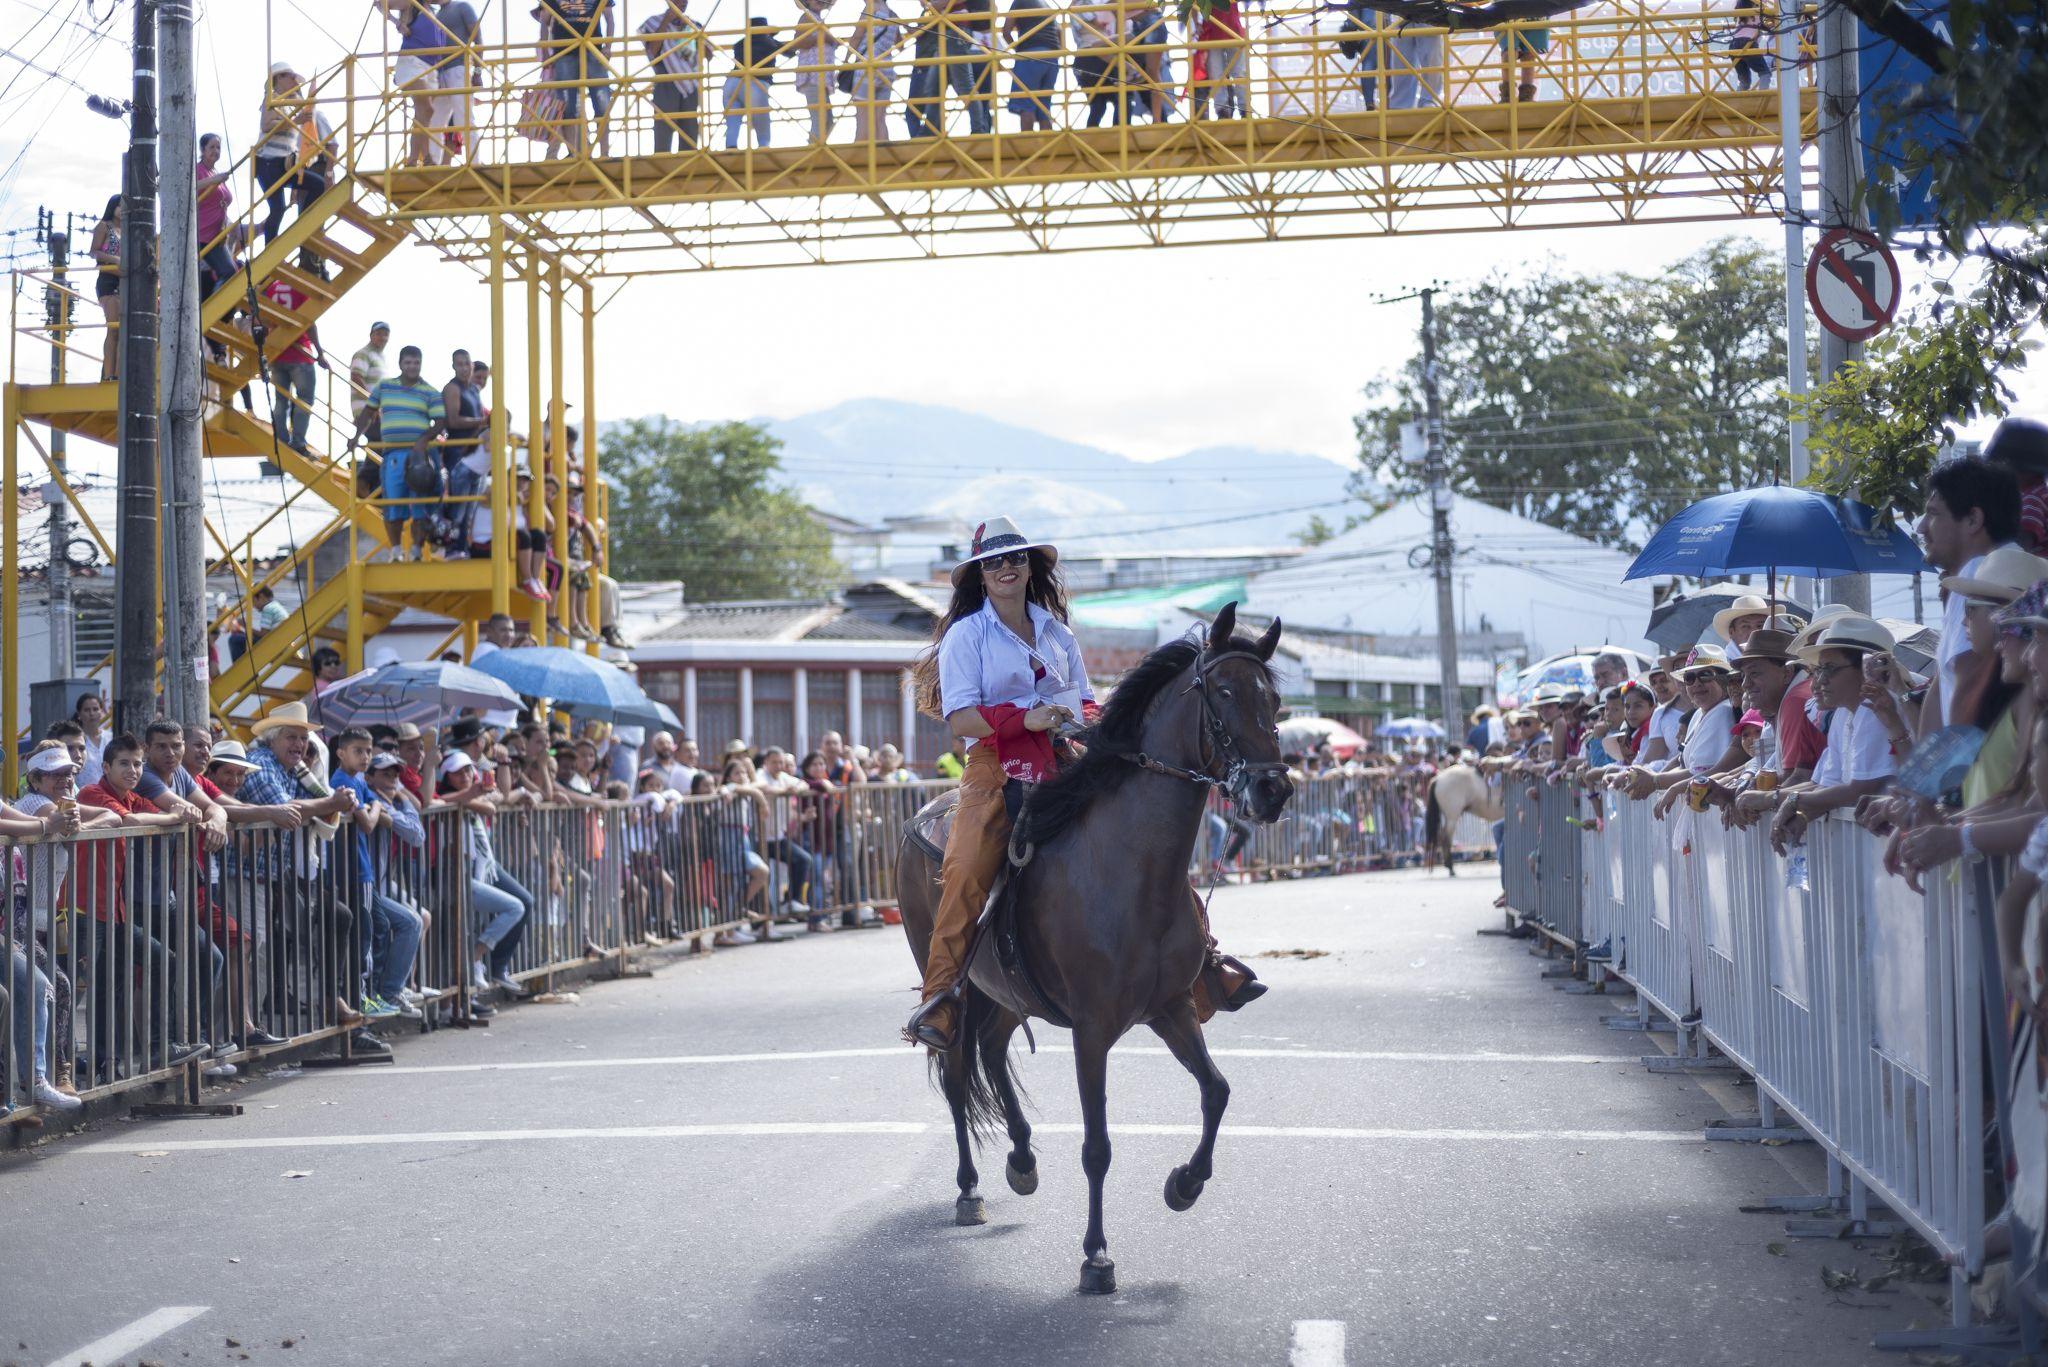 Prográmese con el Festival Folclórico Colombiano para este fin de semana